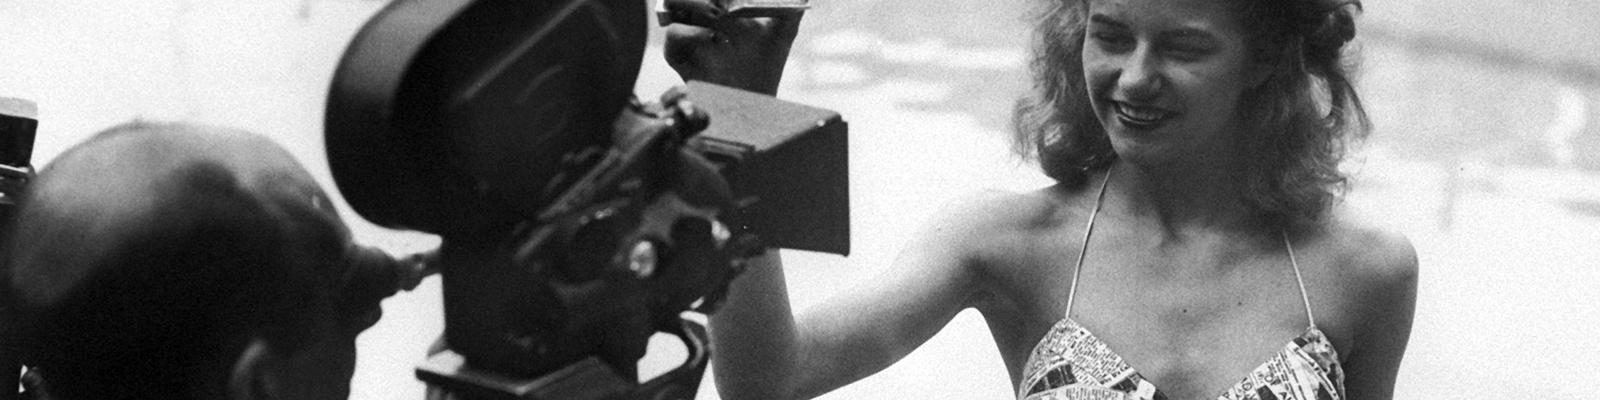 Der erste Bikini wurde am 5. Juli 1946 in Paris vorgestellt.